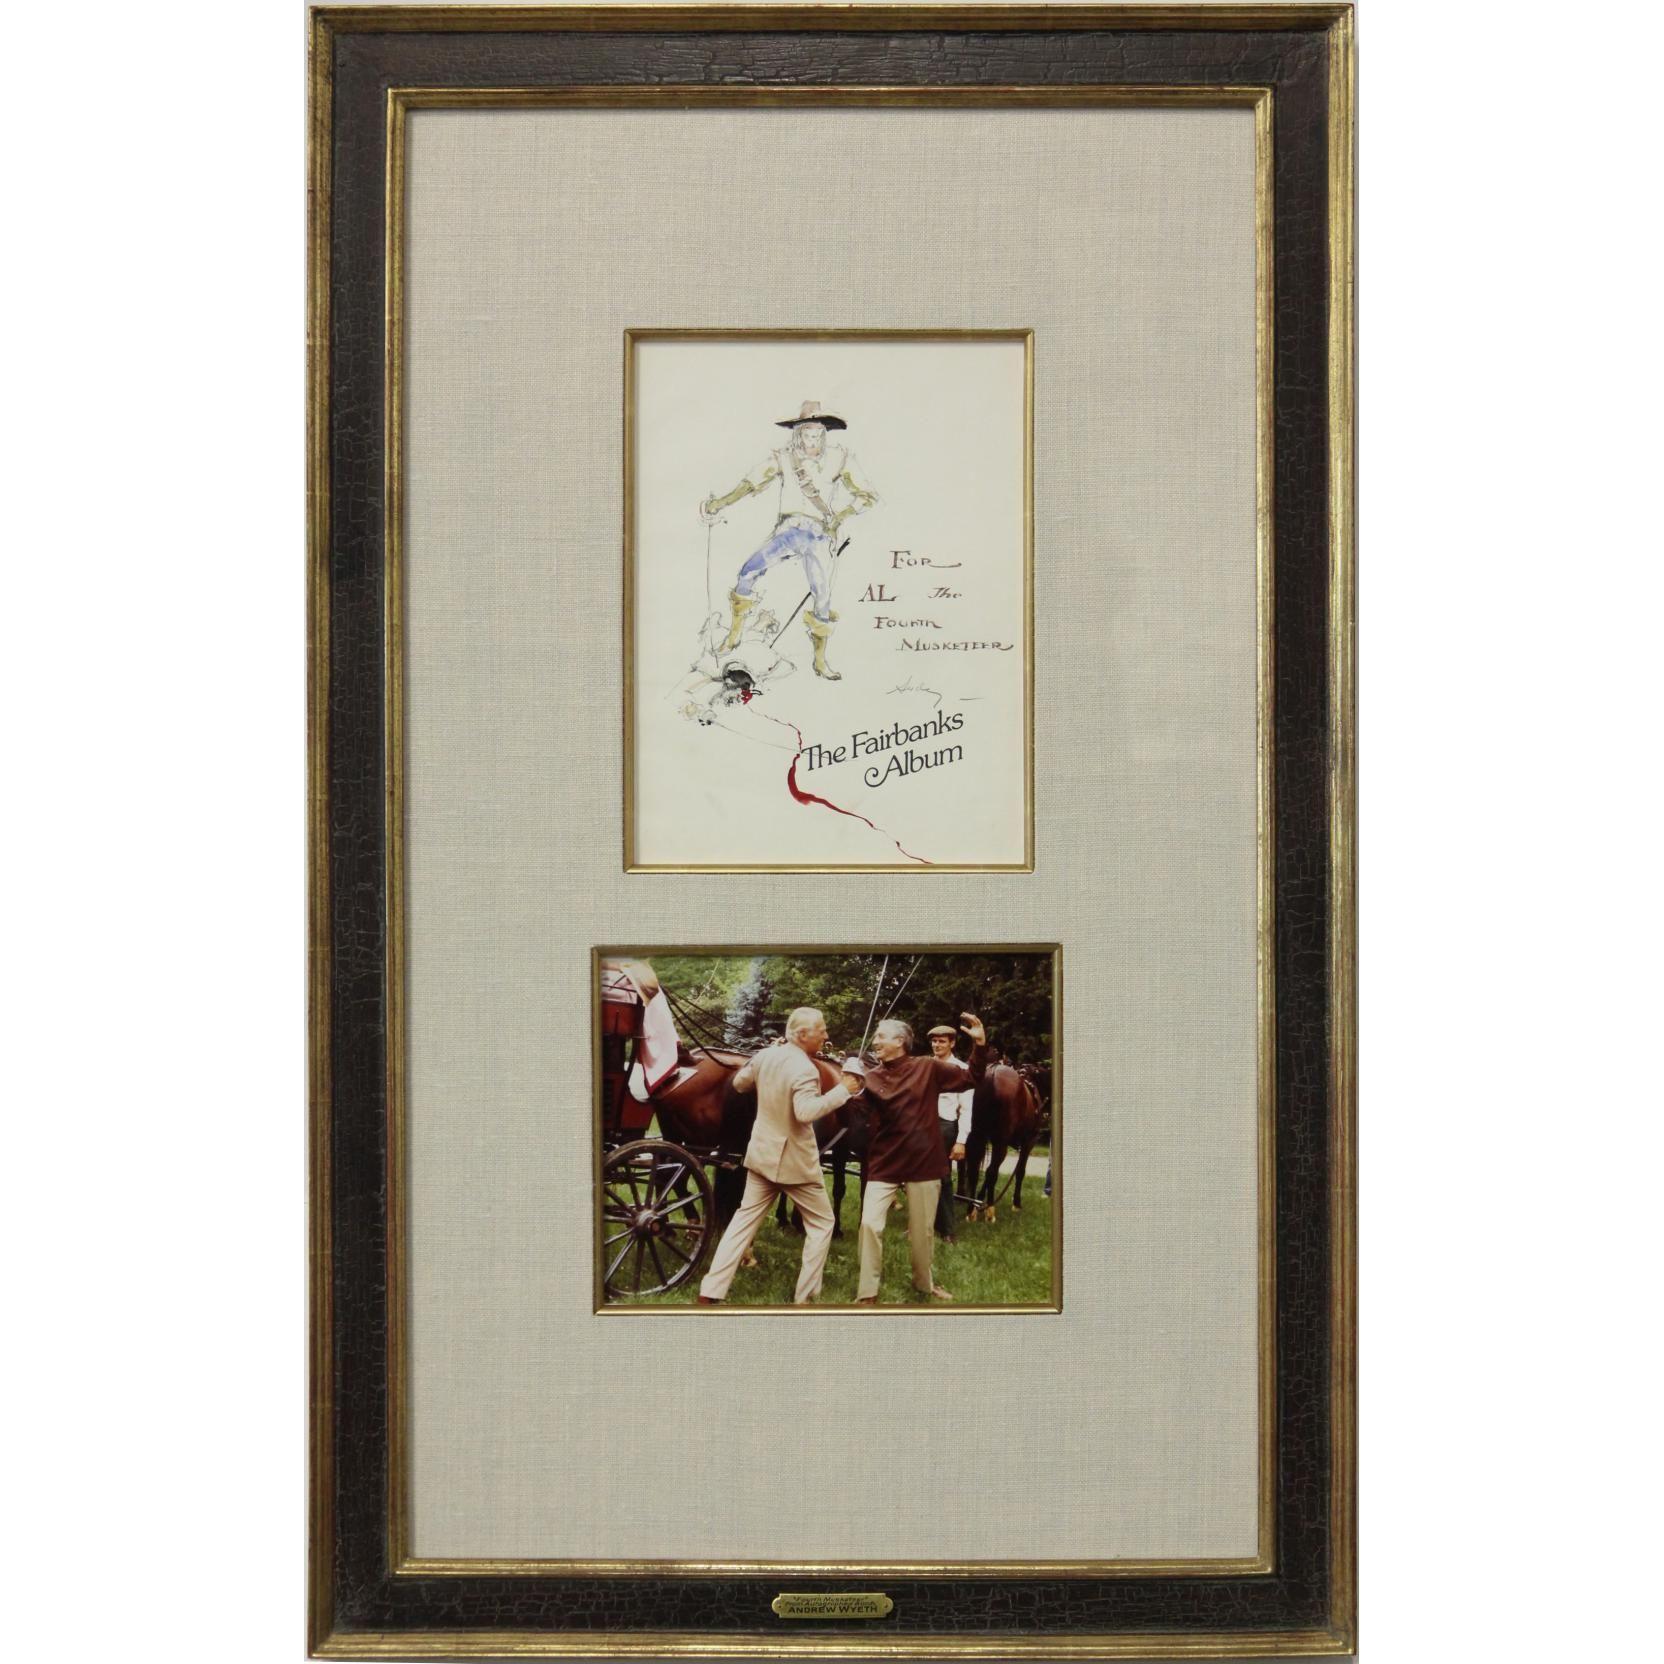 Andrew wyeth 19172009 the fairbanks album sold